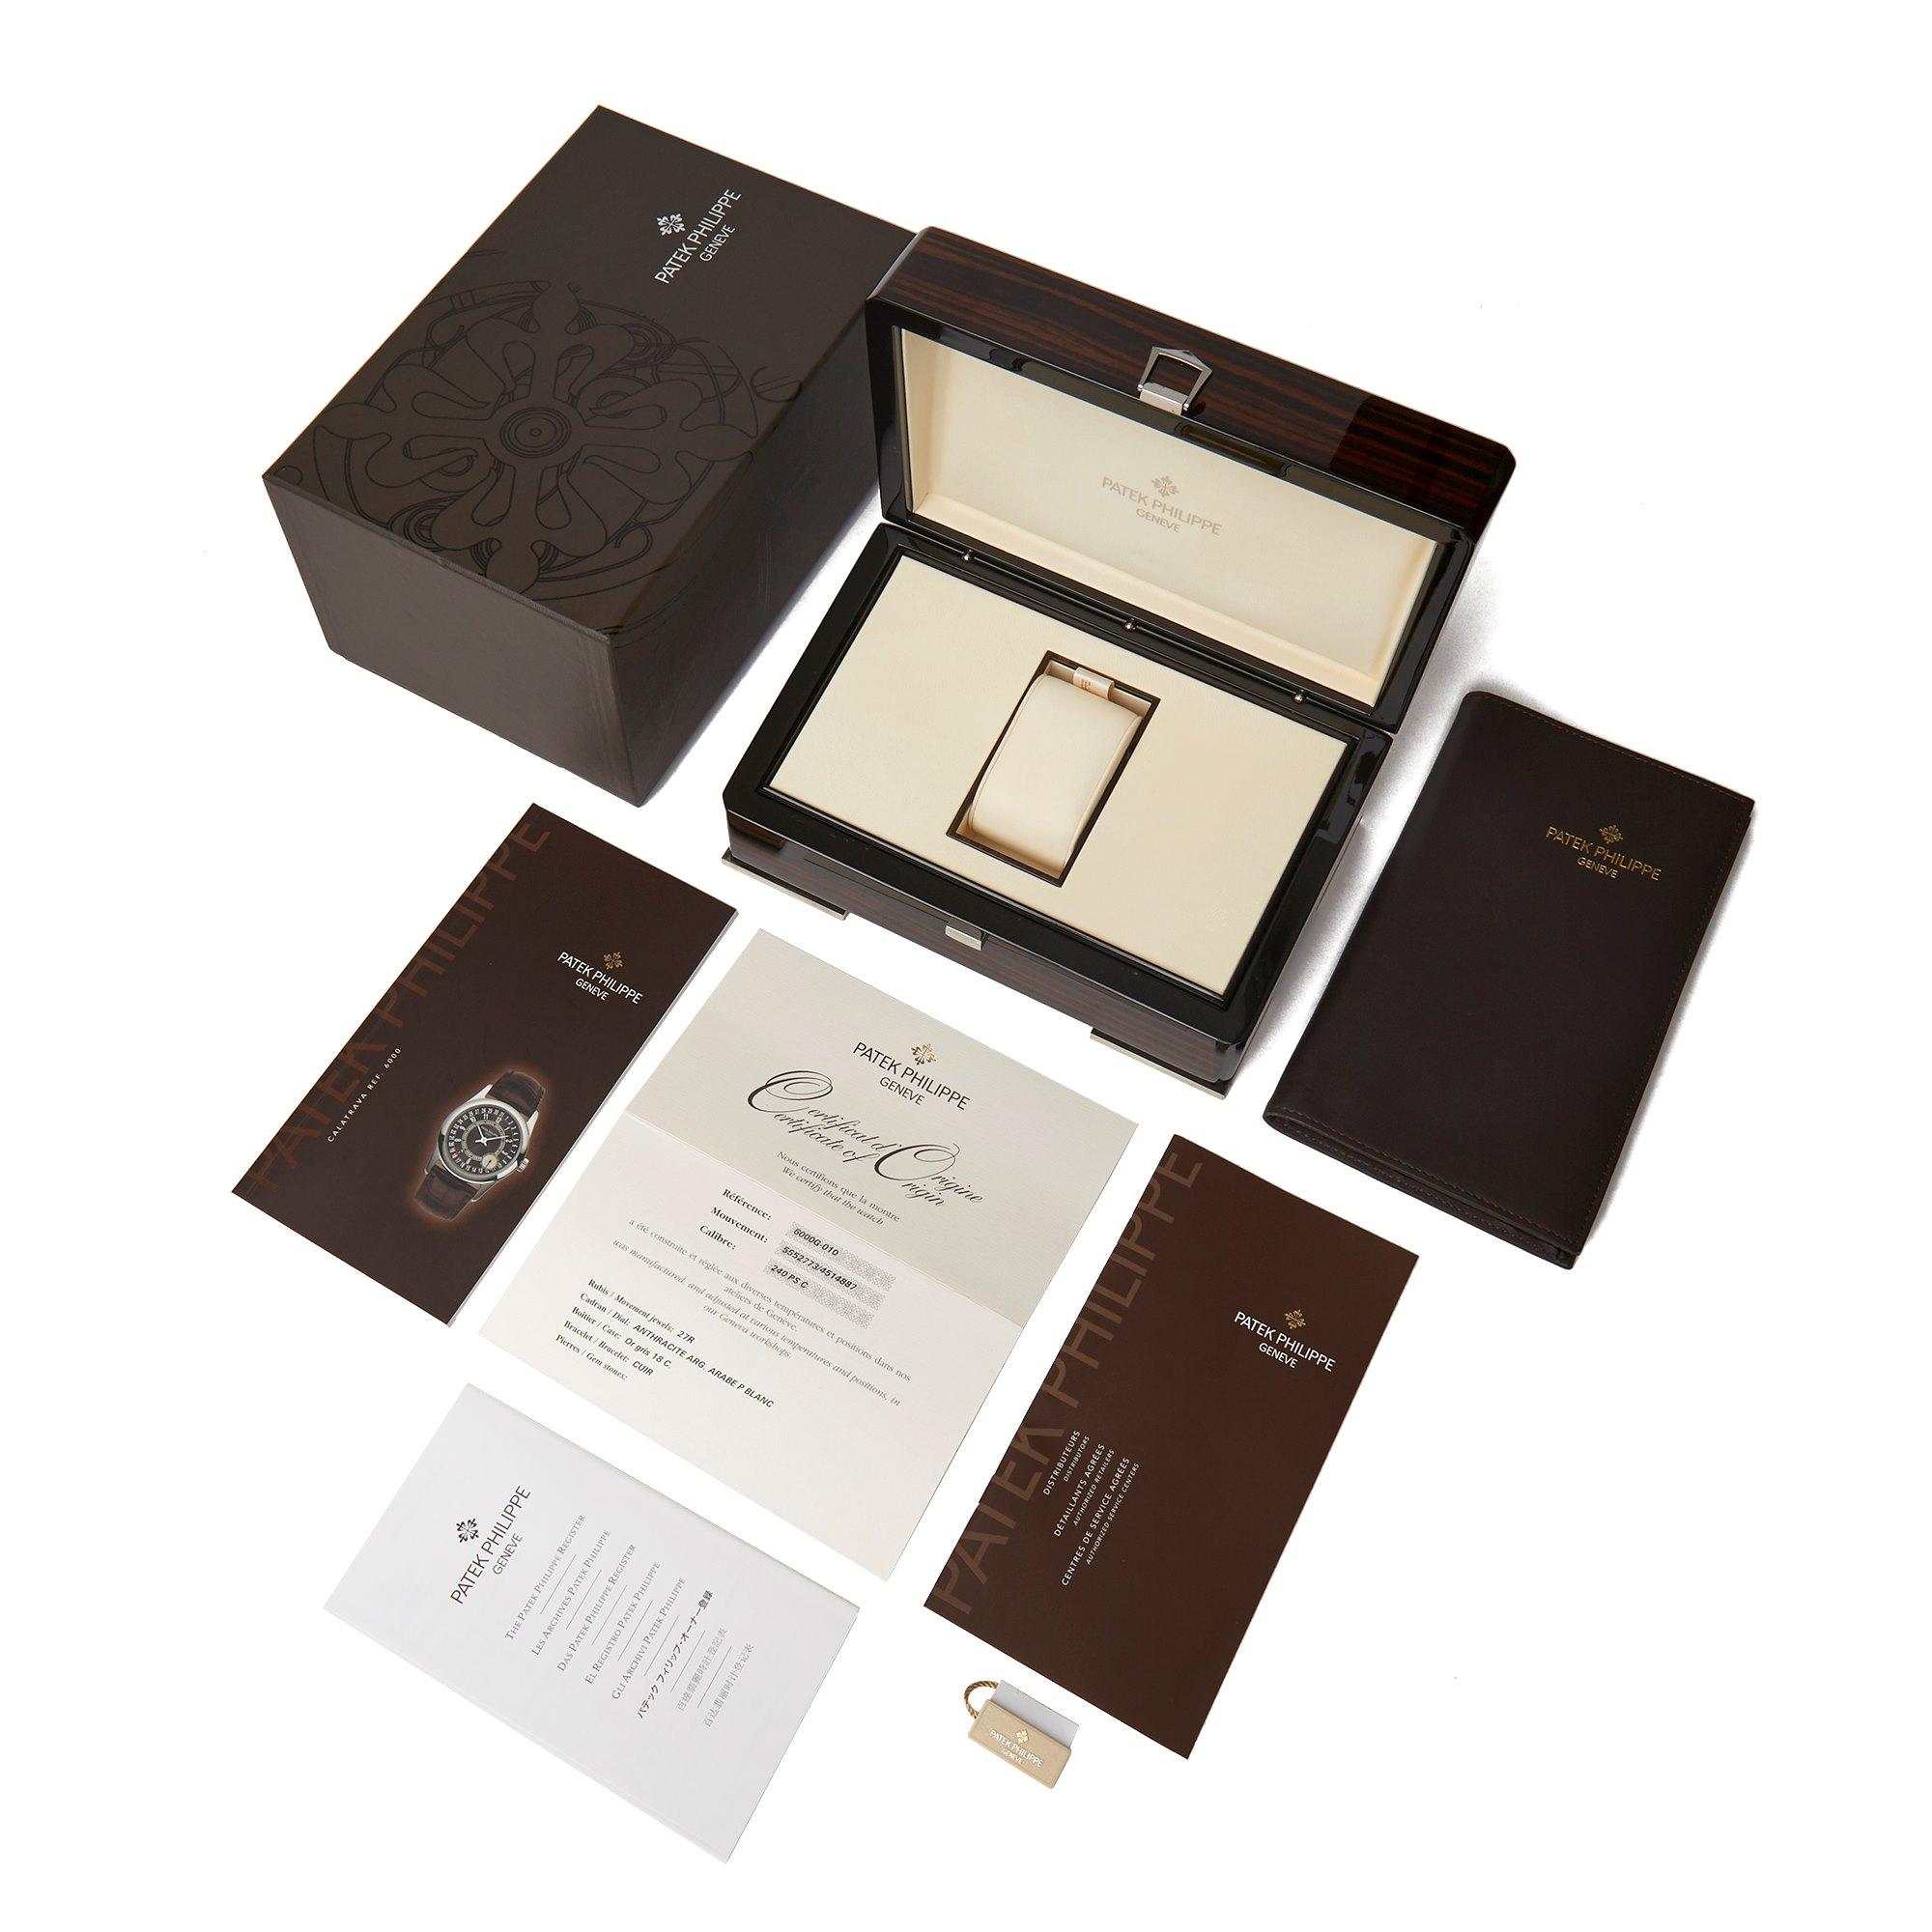 Patek Philippe Calatrava 18K White Gold 6000G